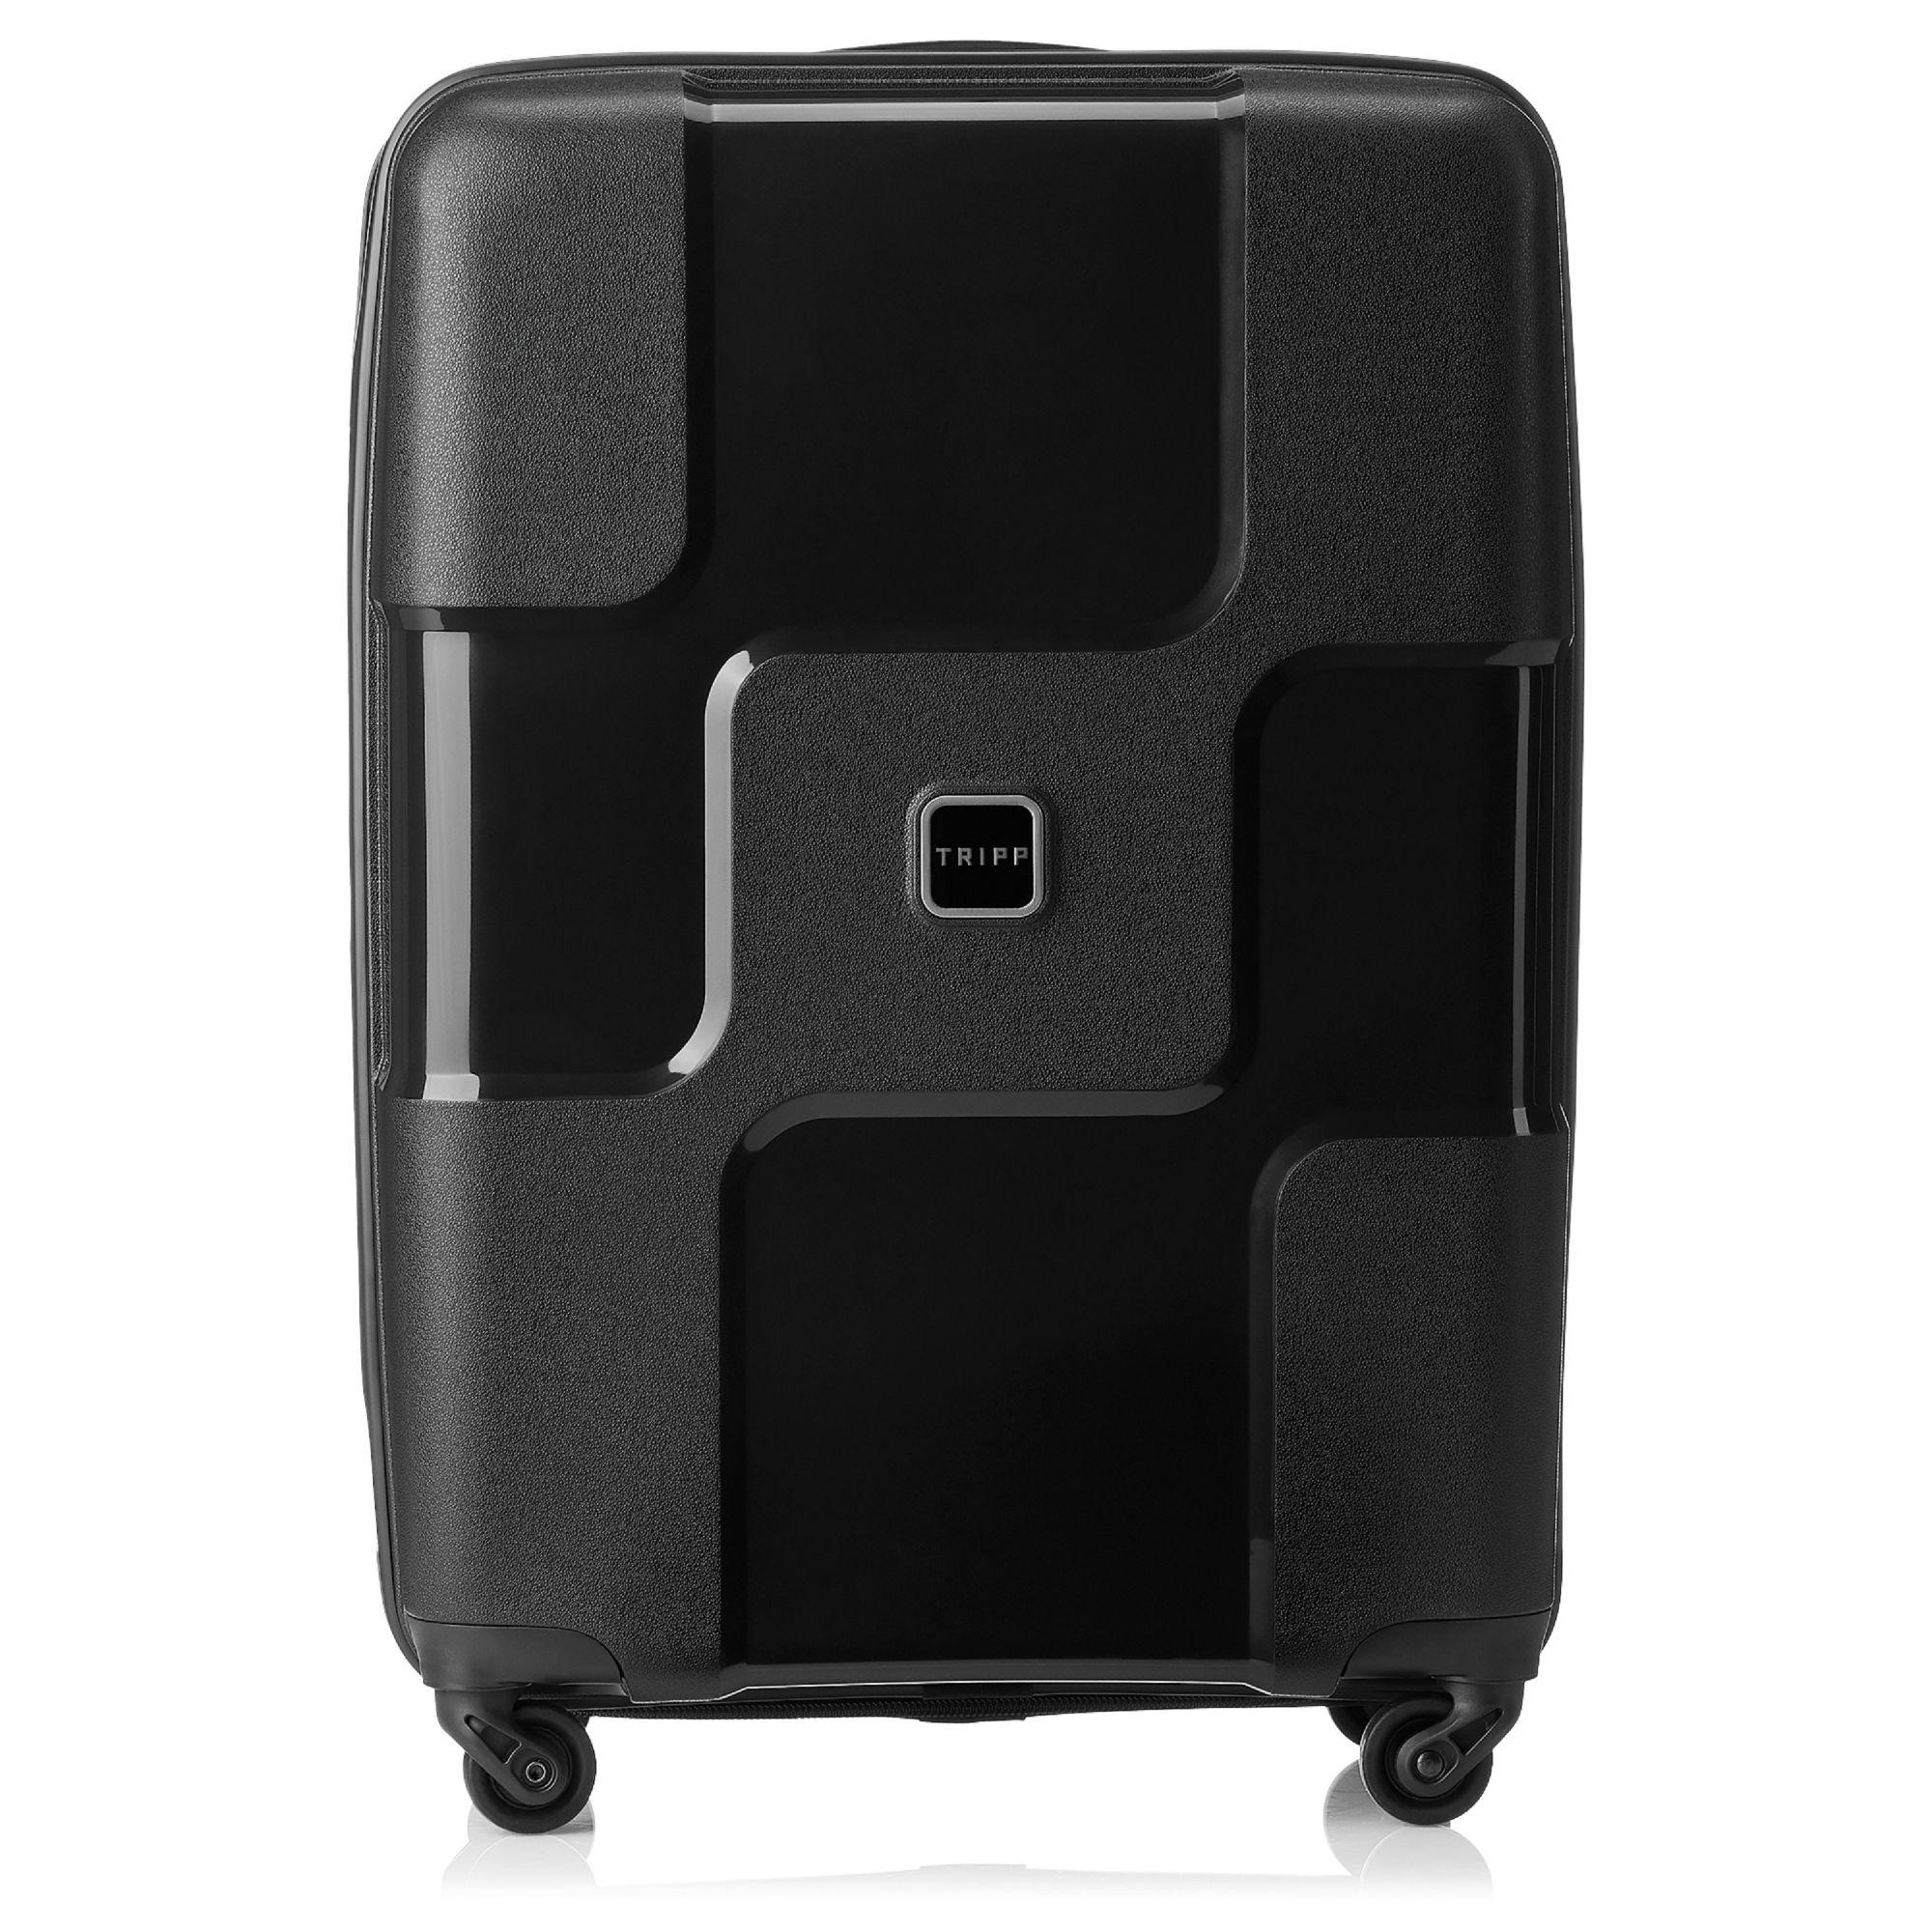 tripp black ii 39 world 39 4 wheel medium suitcase hard. Black Bedroom Furniture Sets. Home Design Ideas